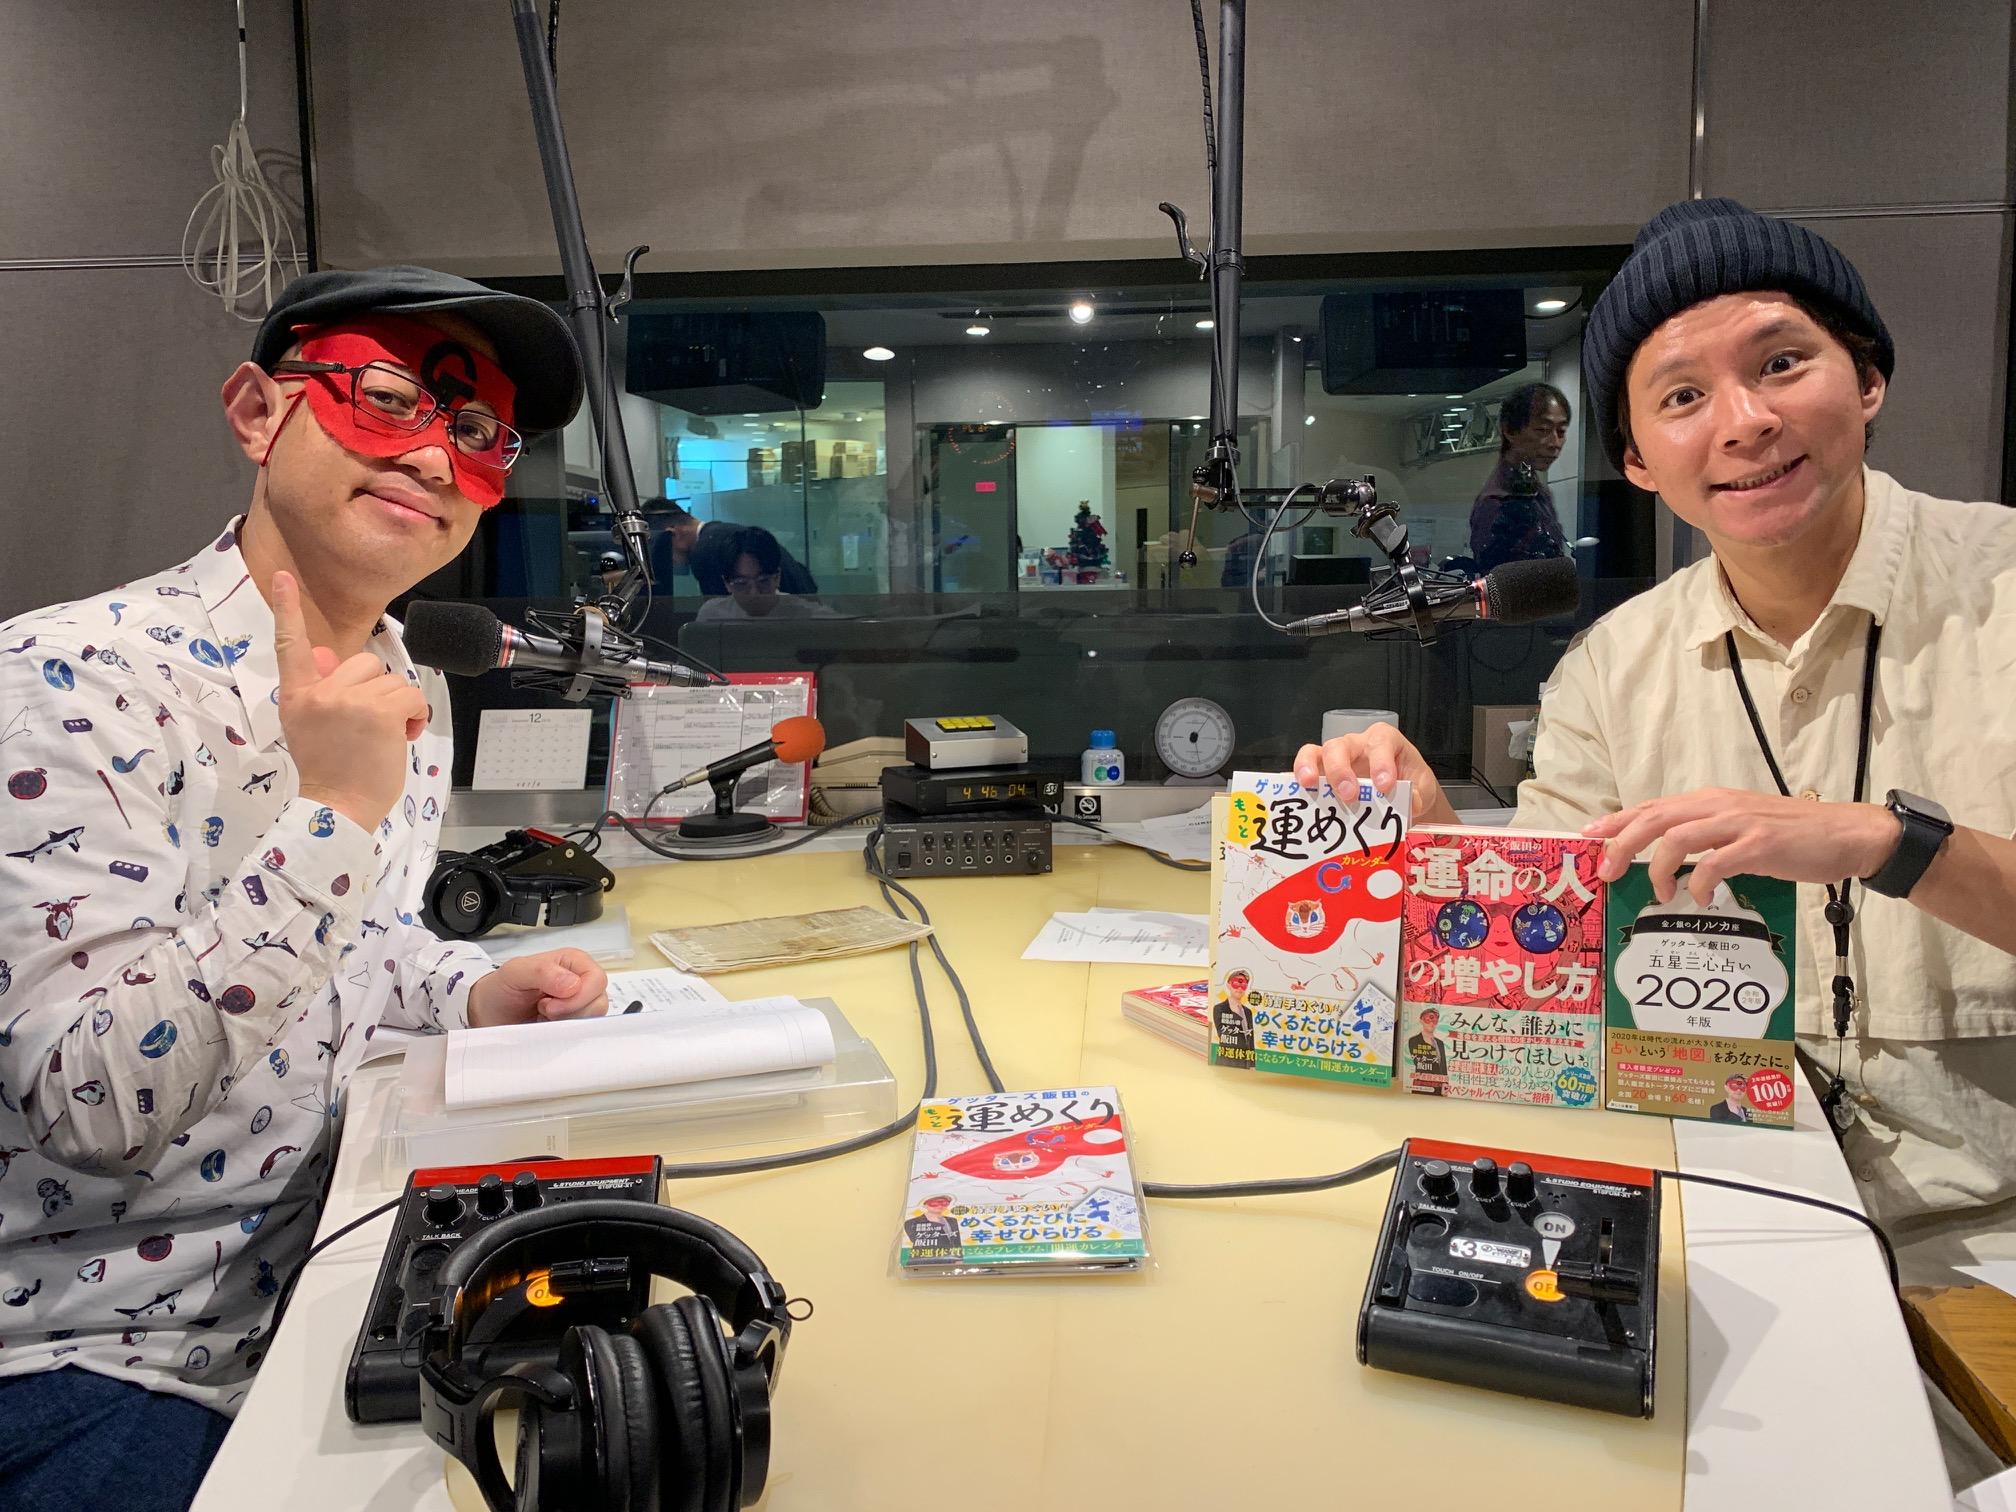 ゲッターズ飯田が2020年を星座別に占う! 3位・蟹座、2位・牡牛